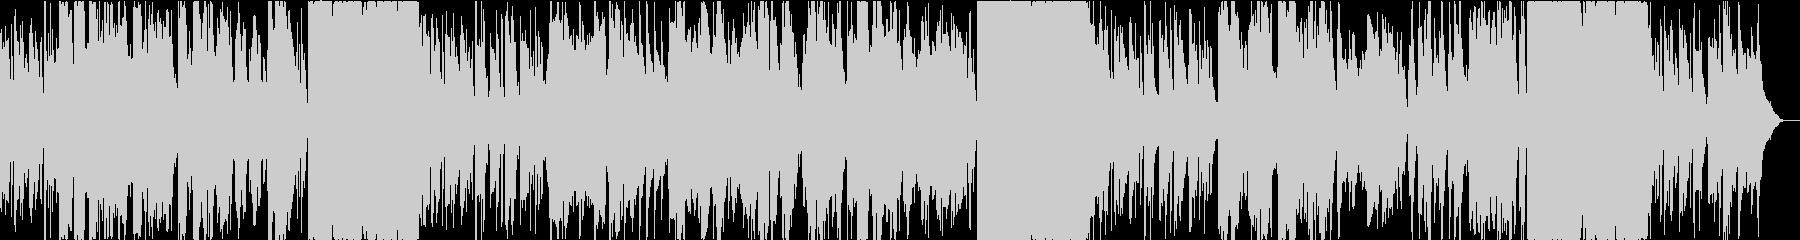 二胡が奏でるオリエンタルで癒やしの音楽の未再生の波形